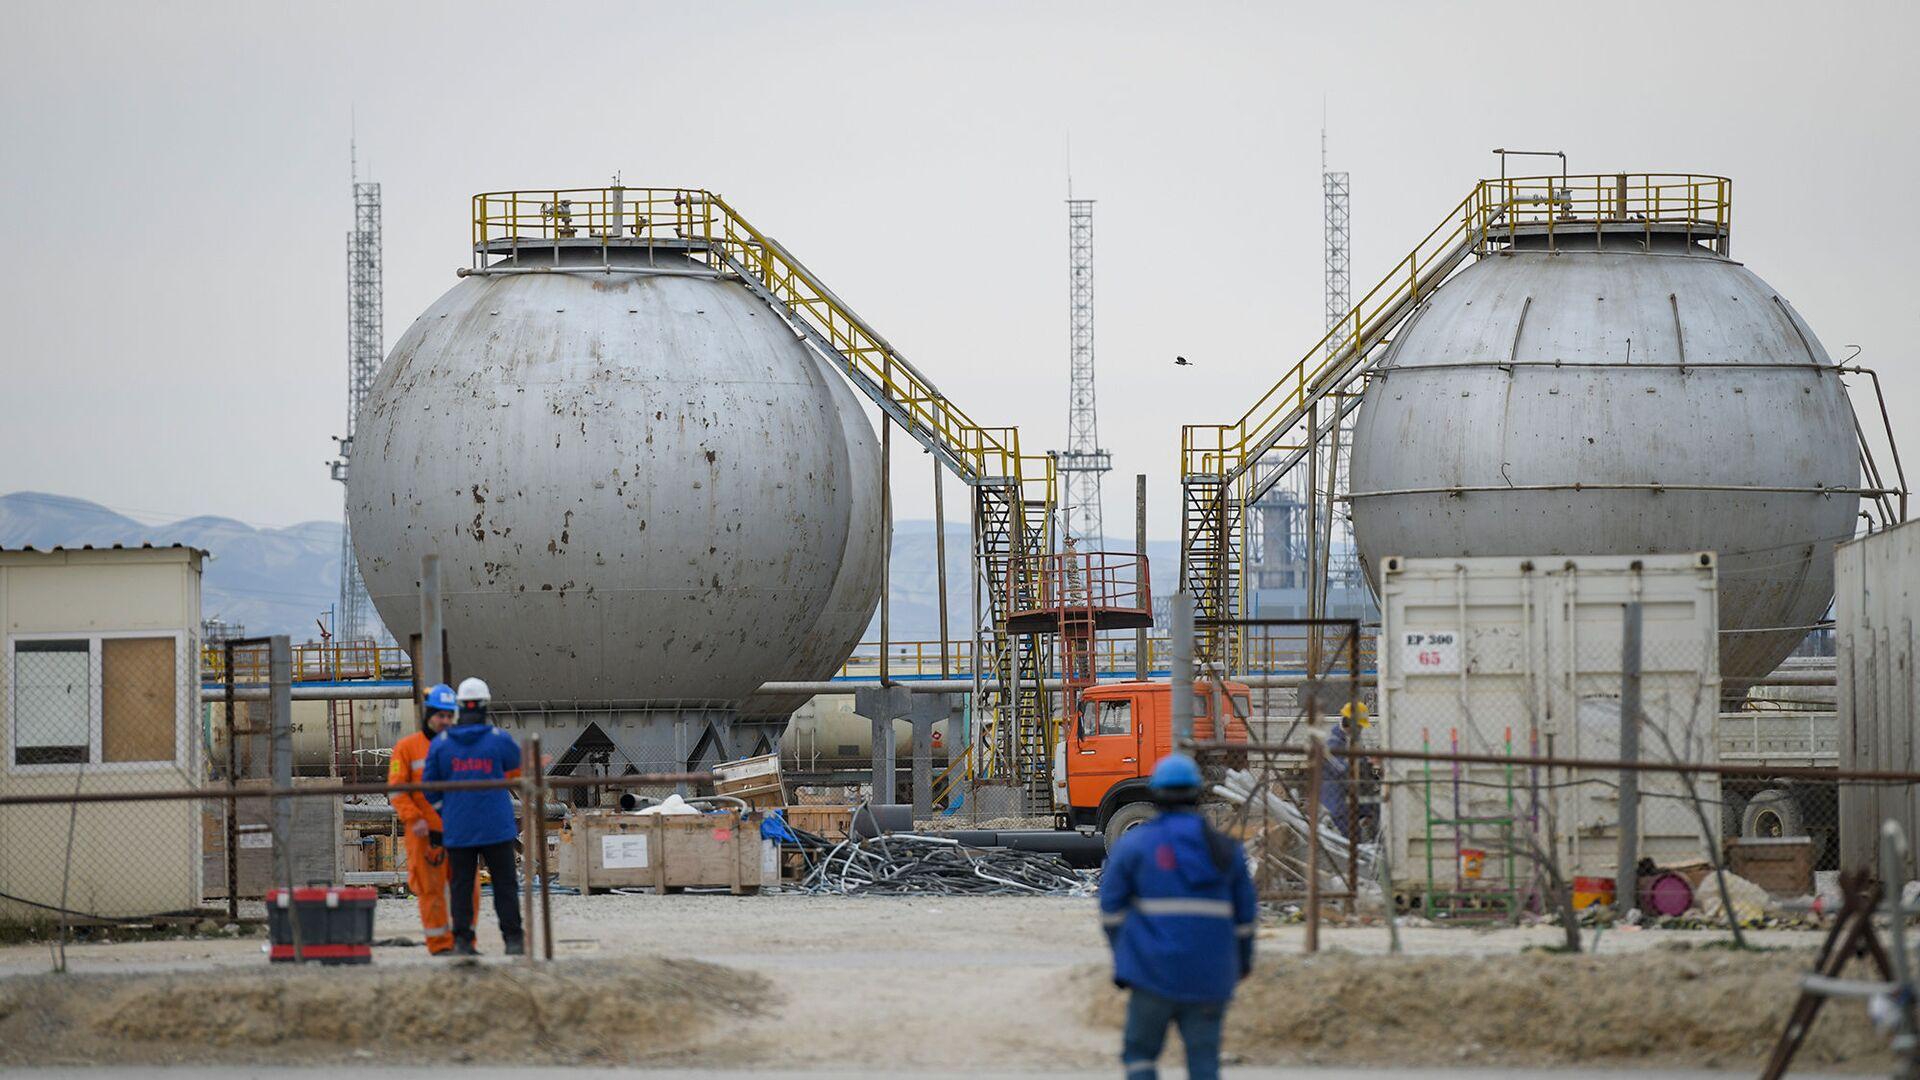 Модернизация завода Этилен-полиэтилен в Сумгаите - Sputnik Азербайджан, 1920, 11.10.2021